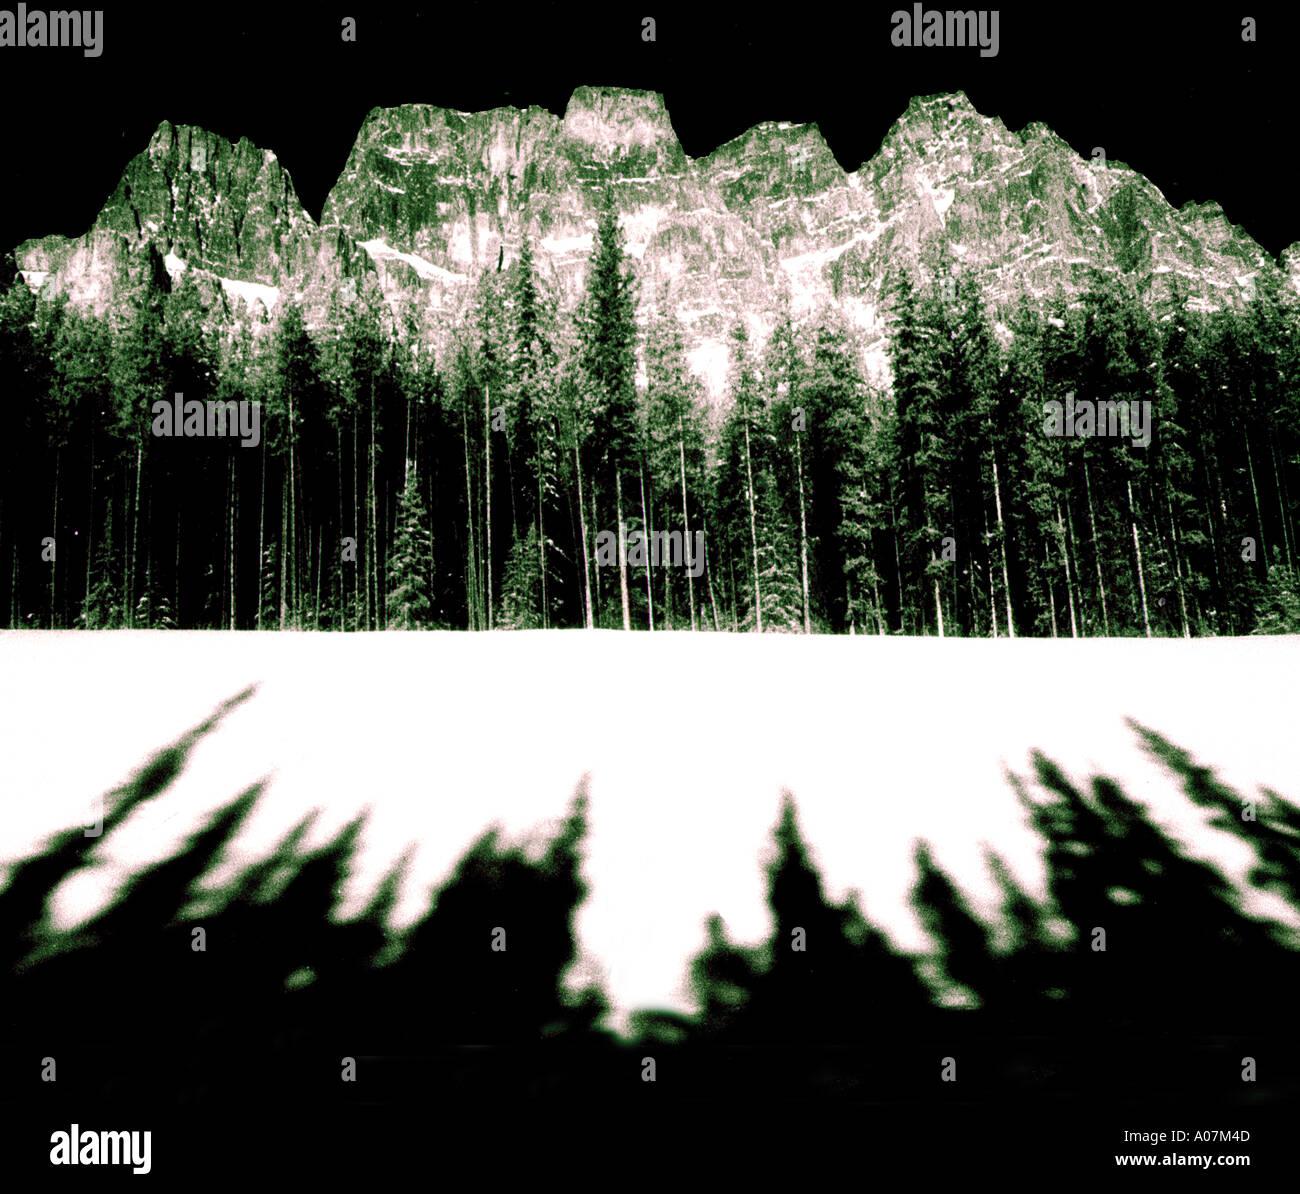 Défi, empreinte écologique, à l'horizontale, à l'extérieur, Noir et Blanc, France, arbre, Jour, neige, Dune de sable, Haute-Savoie, isolés, les gens. Photo Stock